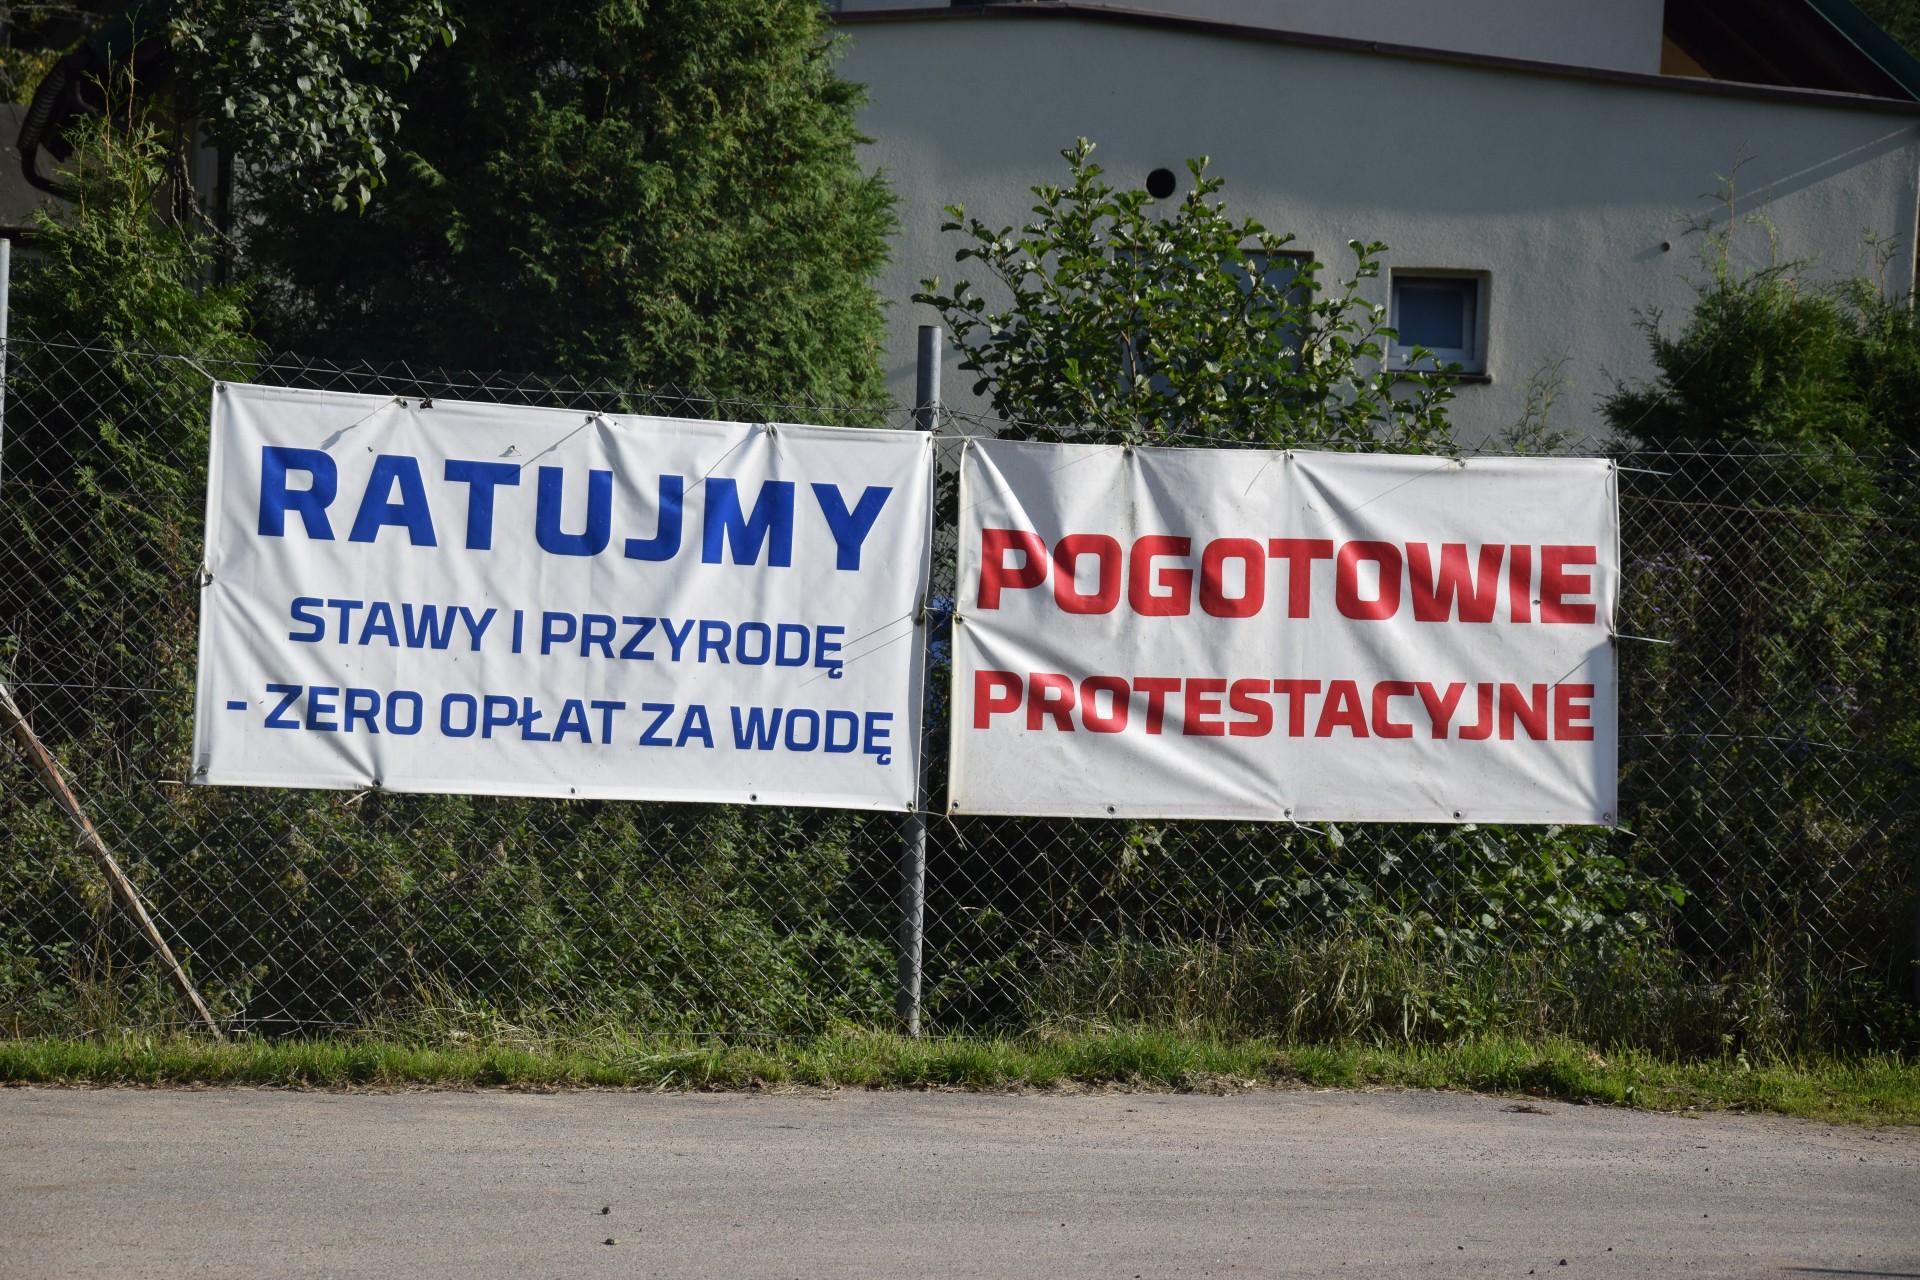 Wdzydze Kiszewskie - Grzybowski Młyn. Sielawą w koniec sezonu